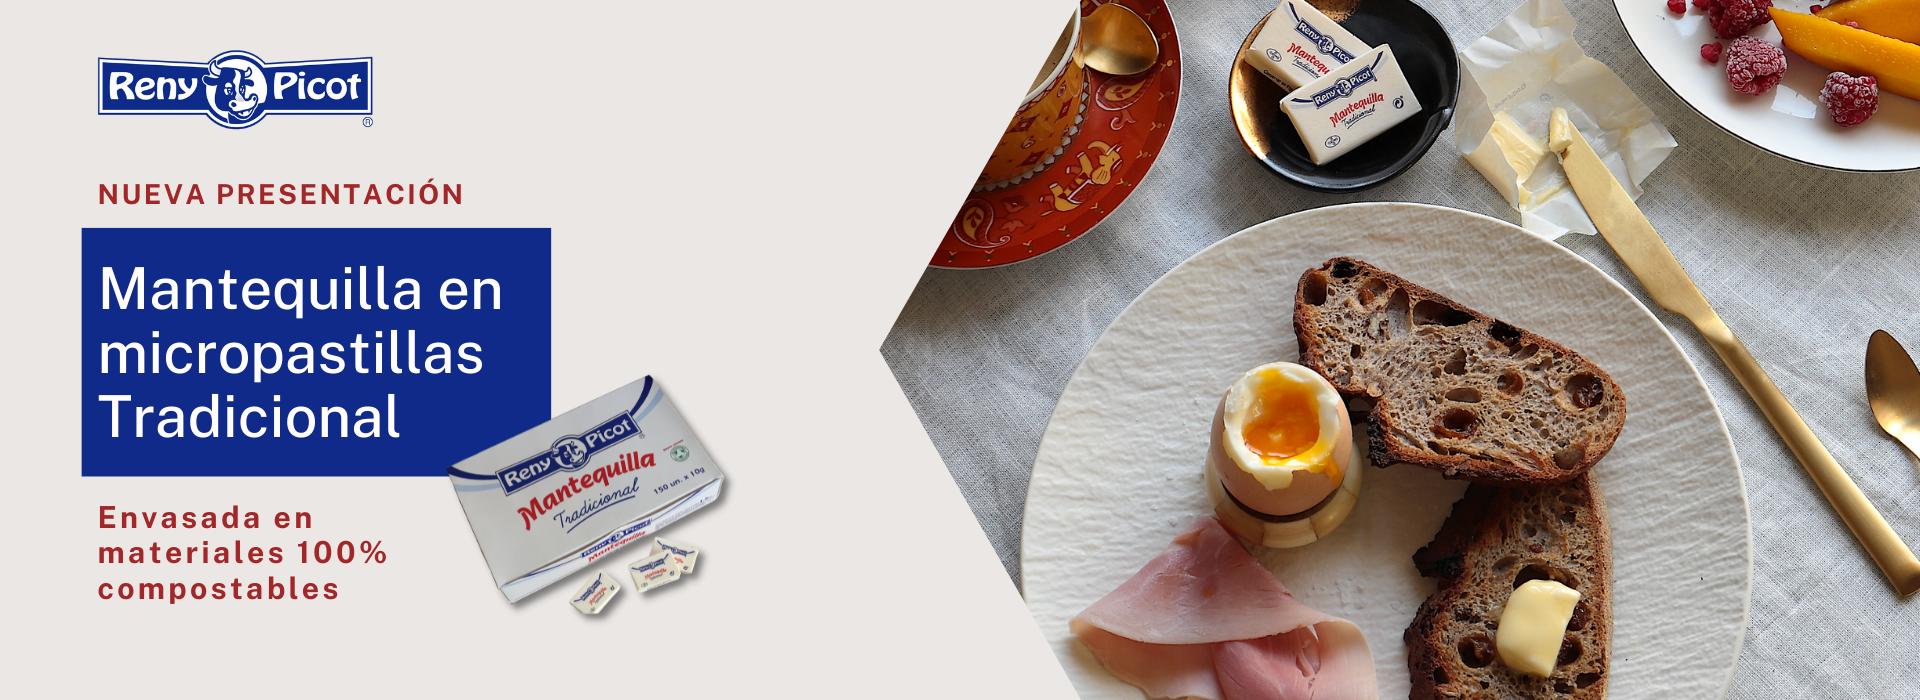 micropastillas-compostables